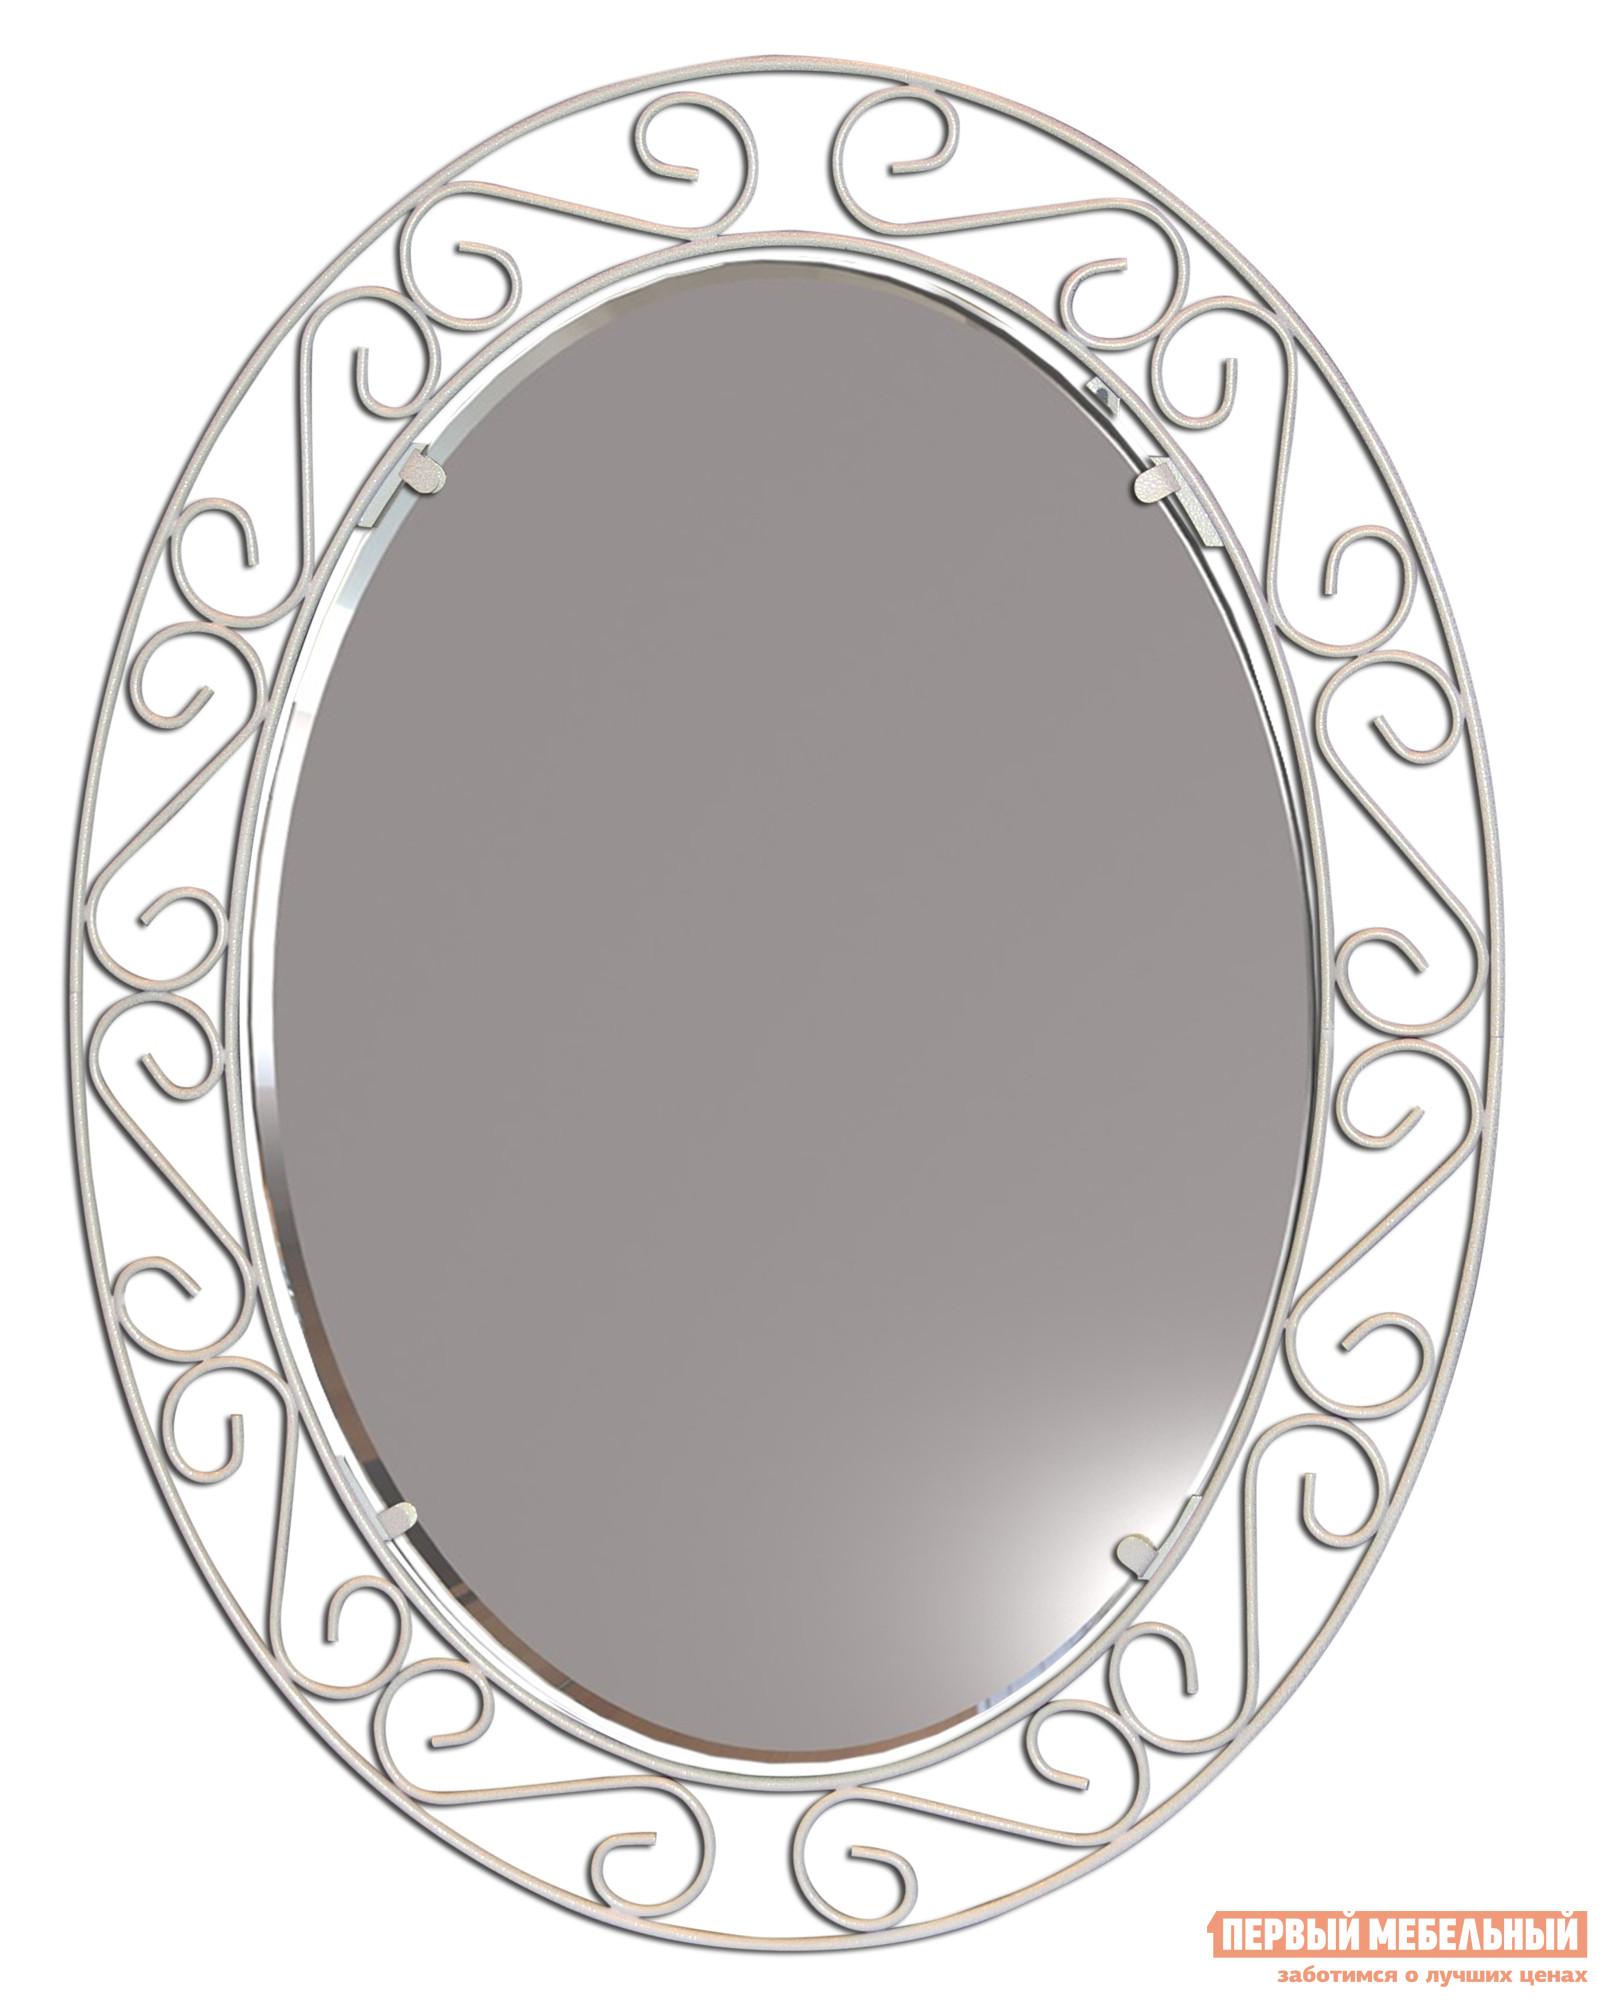 все цены на Настенное зеркало ТАЛАНТ Грация 629 онлайн